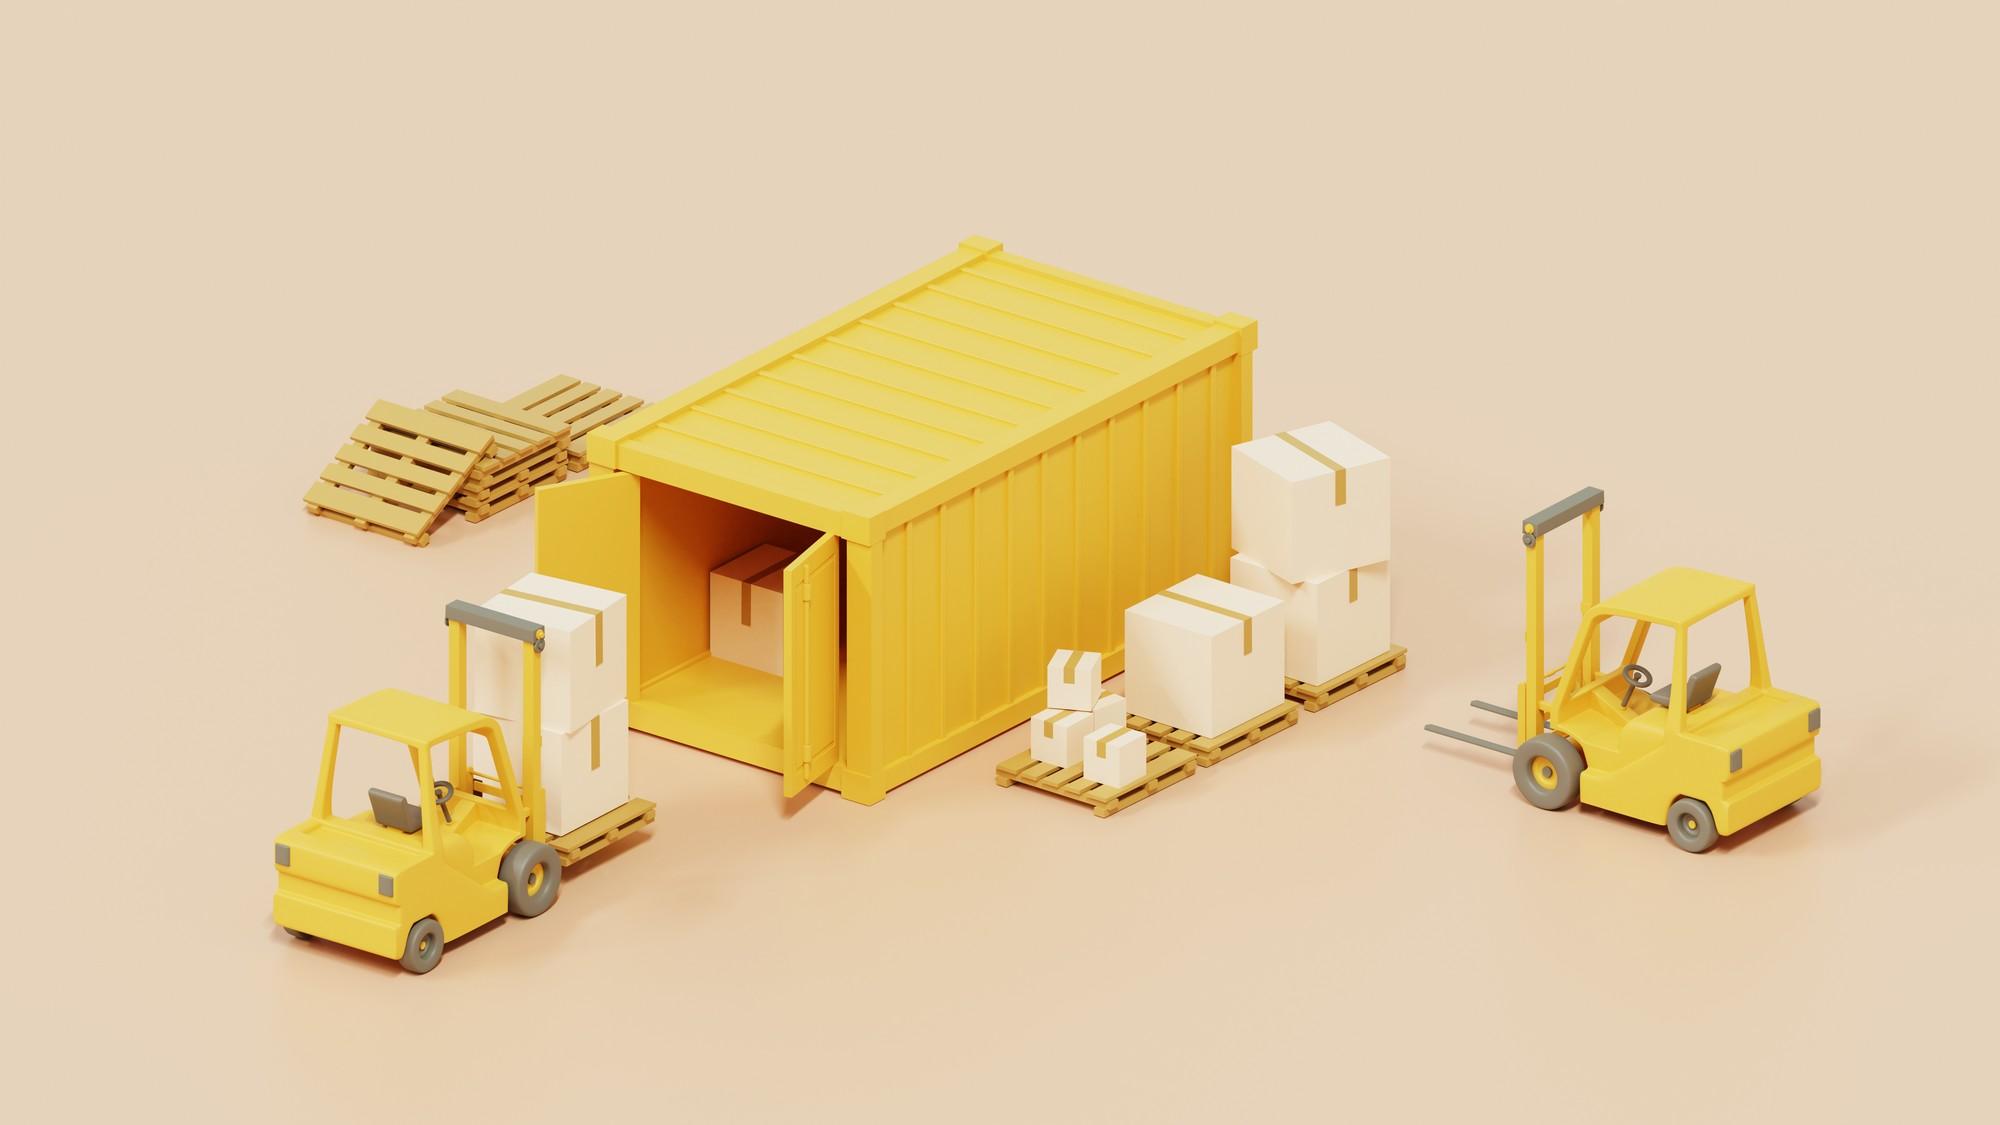 庫存管理,倉庫管理,庫存系統,商品資訊,商品上架,盤點系統